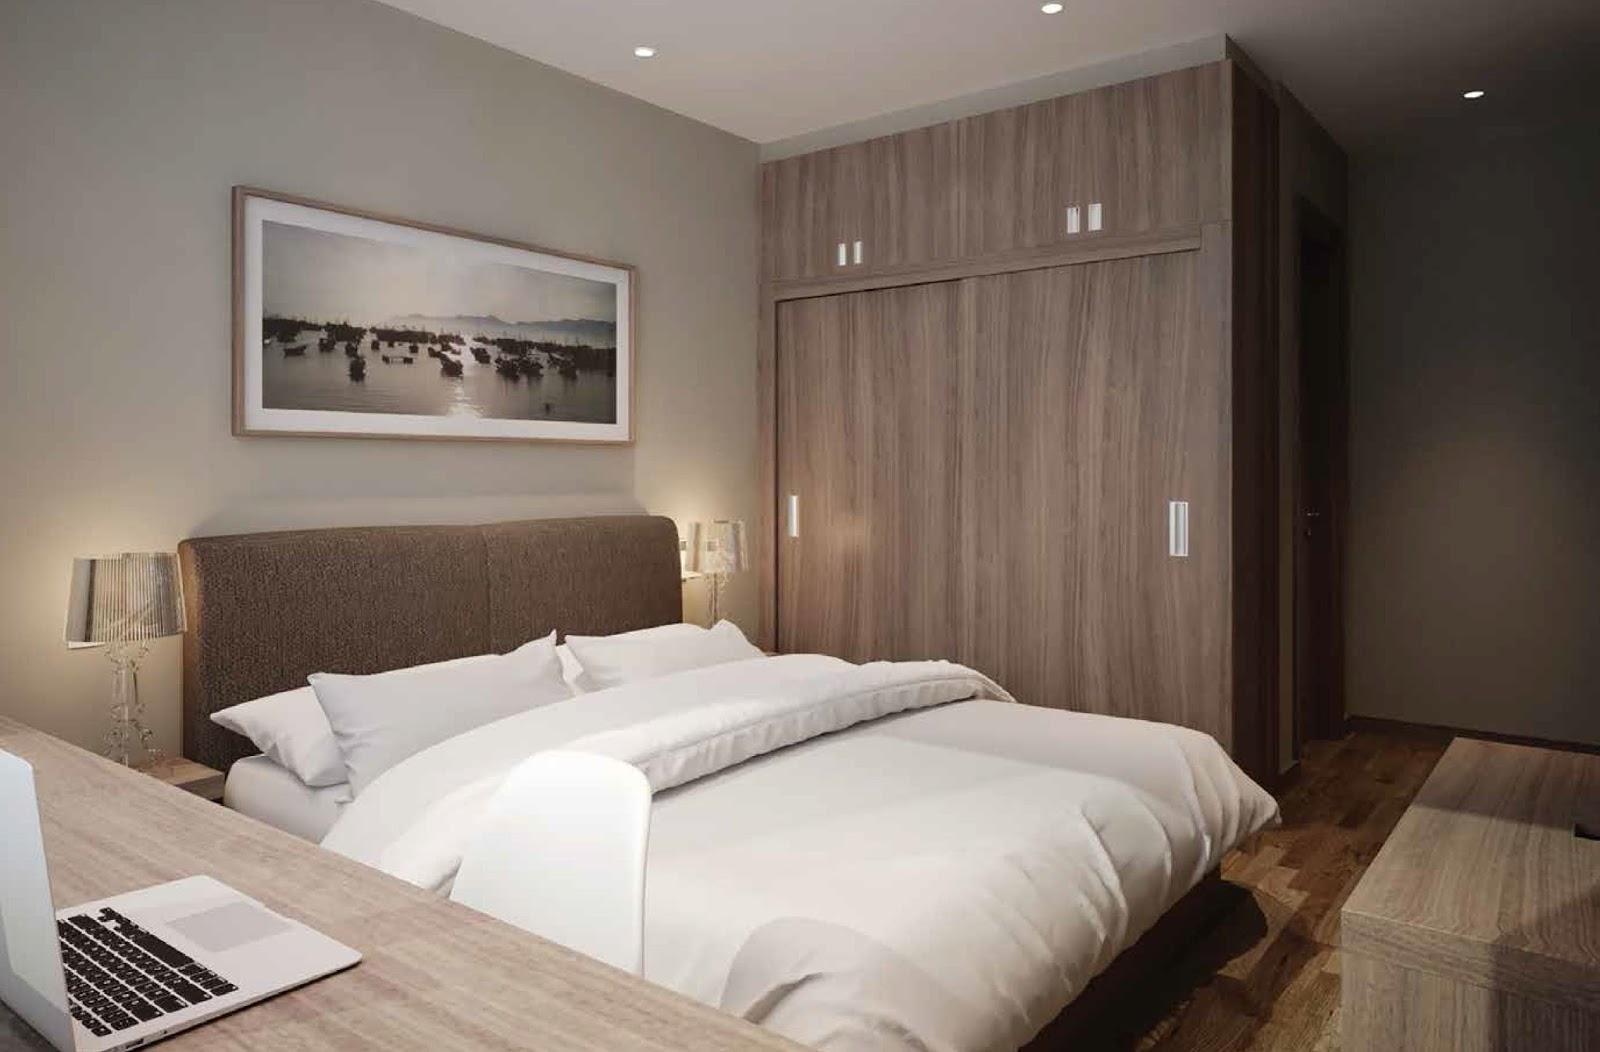 Thiết kế căn hộ 02, 03, 08 và 09 - Chung cư Phú Mỹ Complex